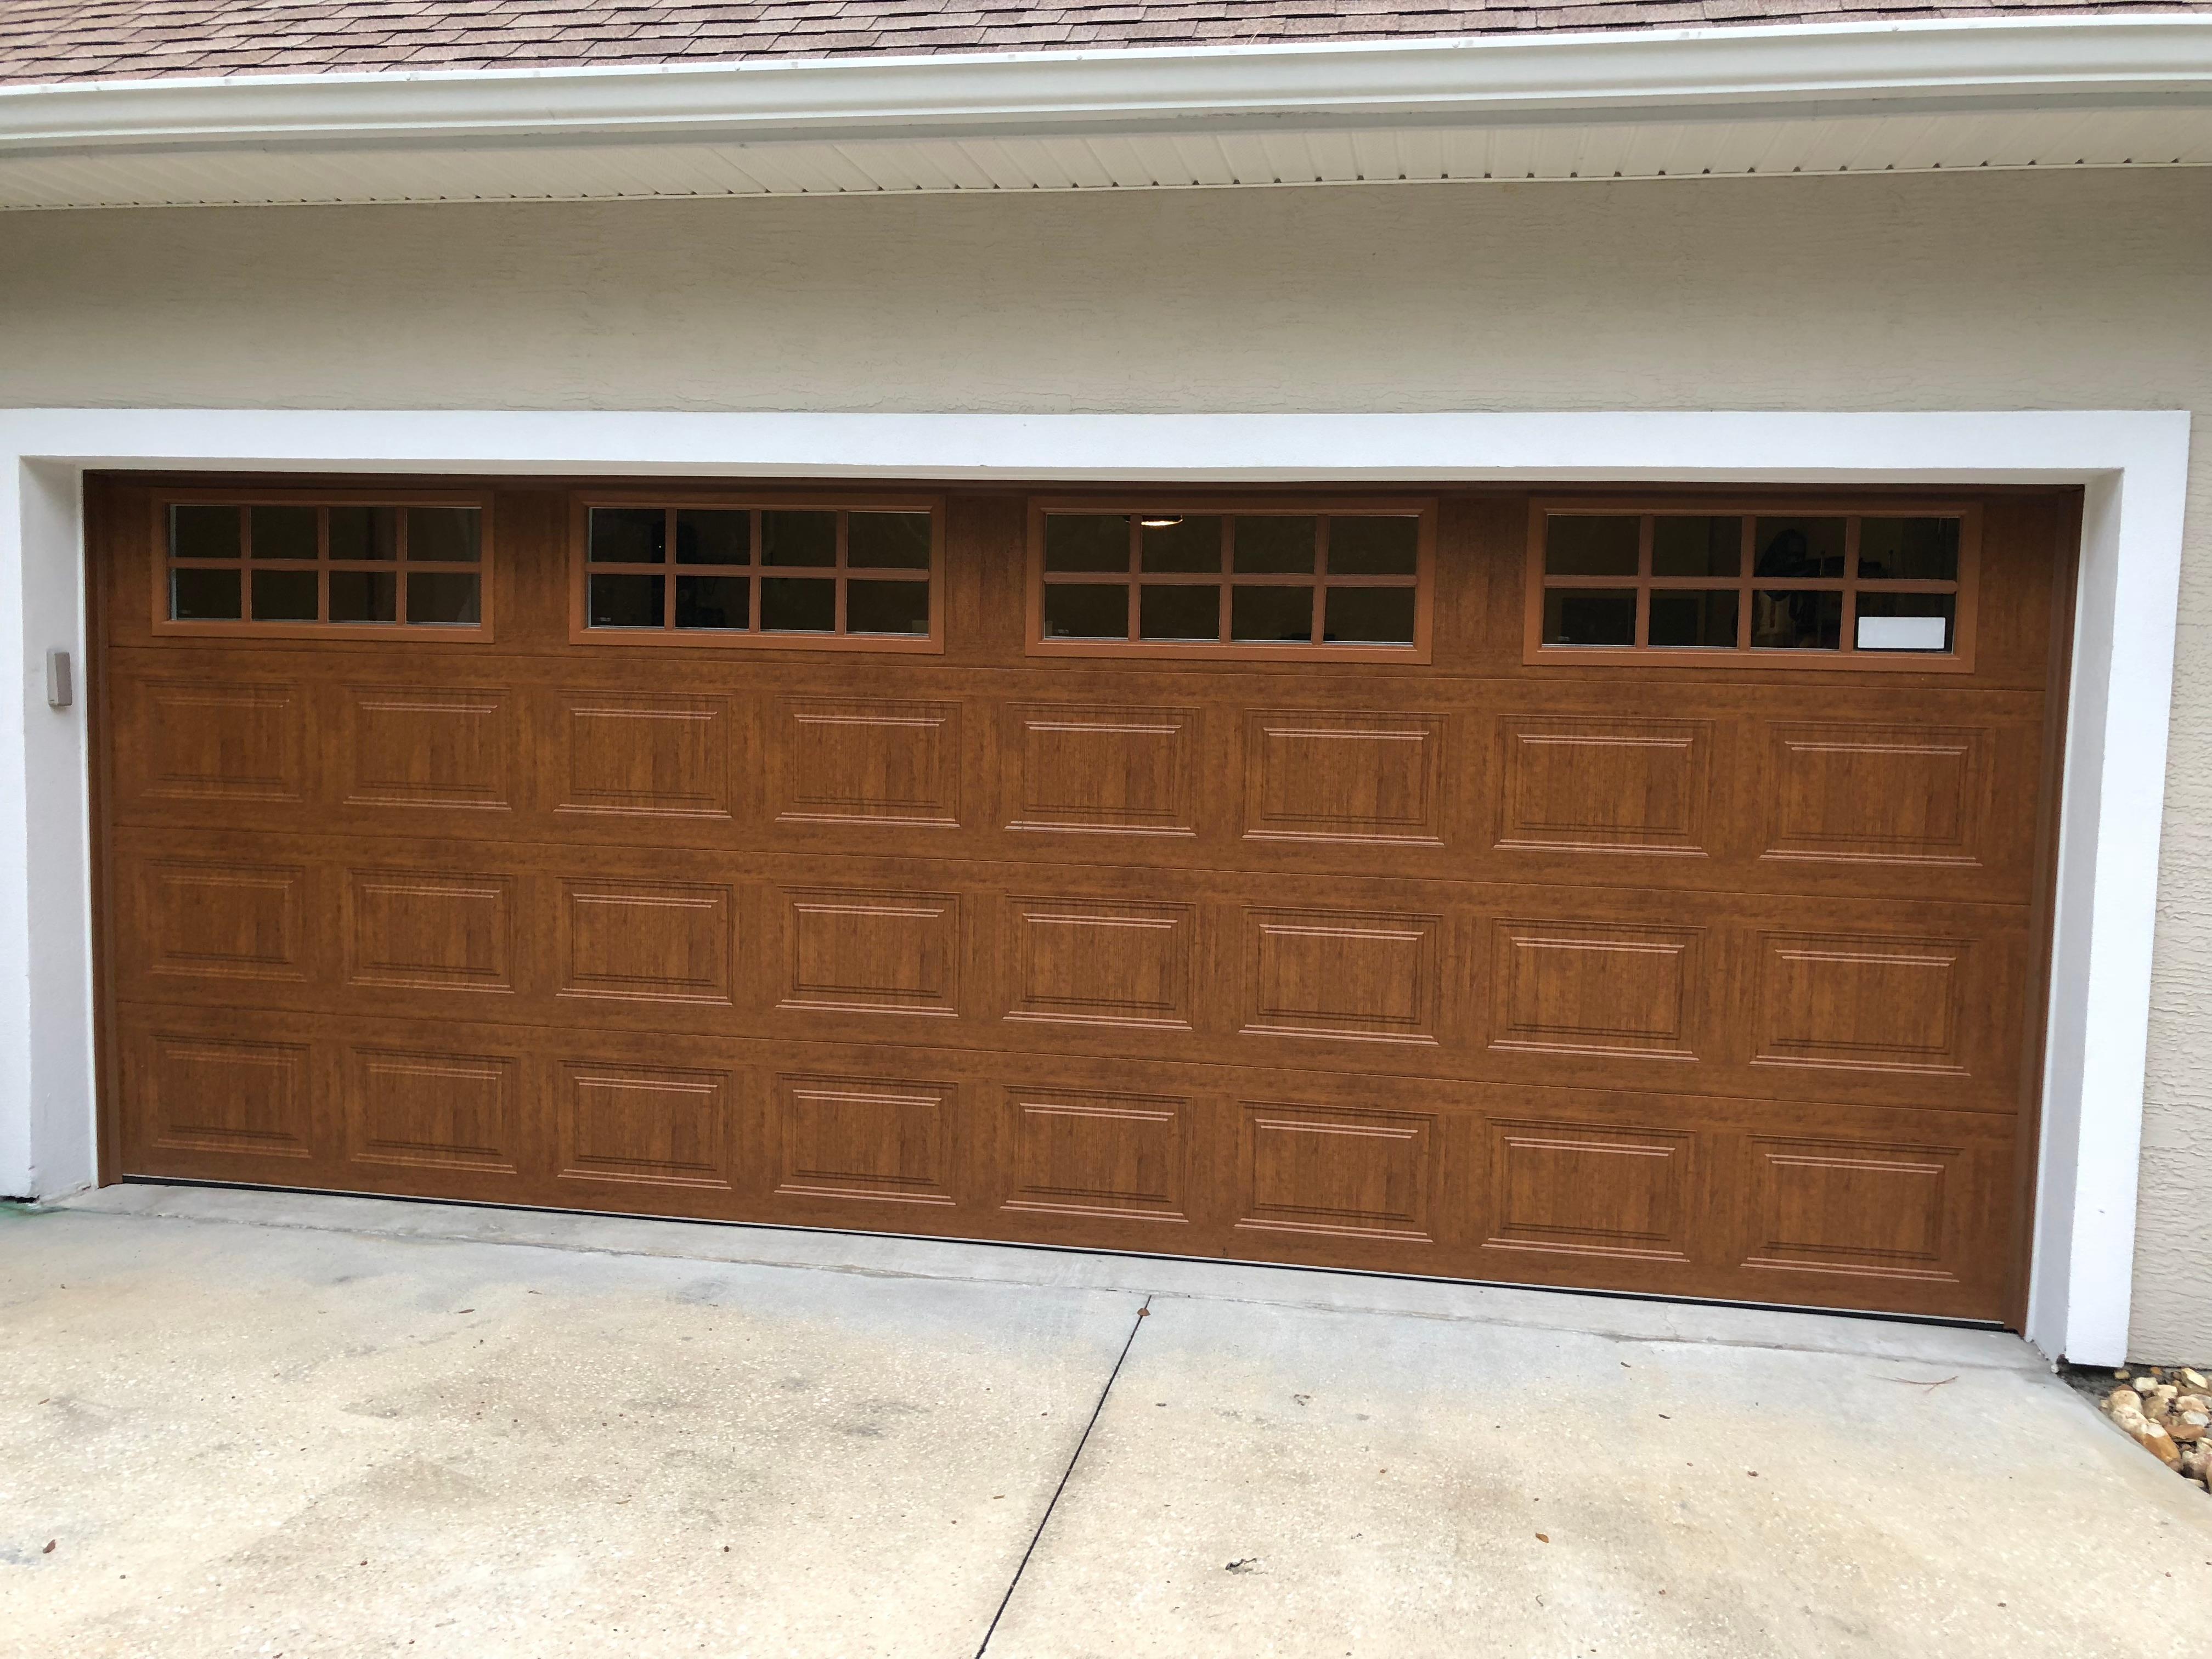 Amana Garage Doors image 3